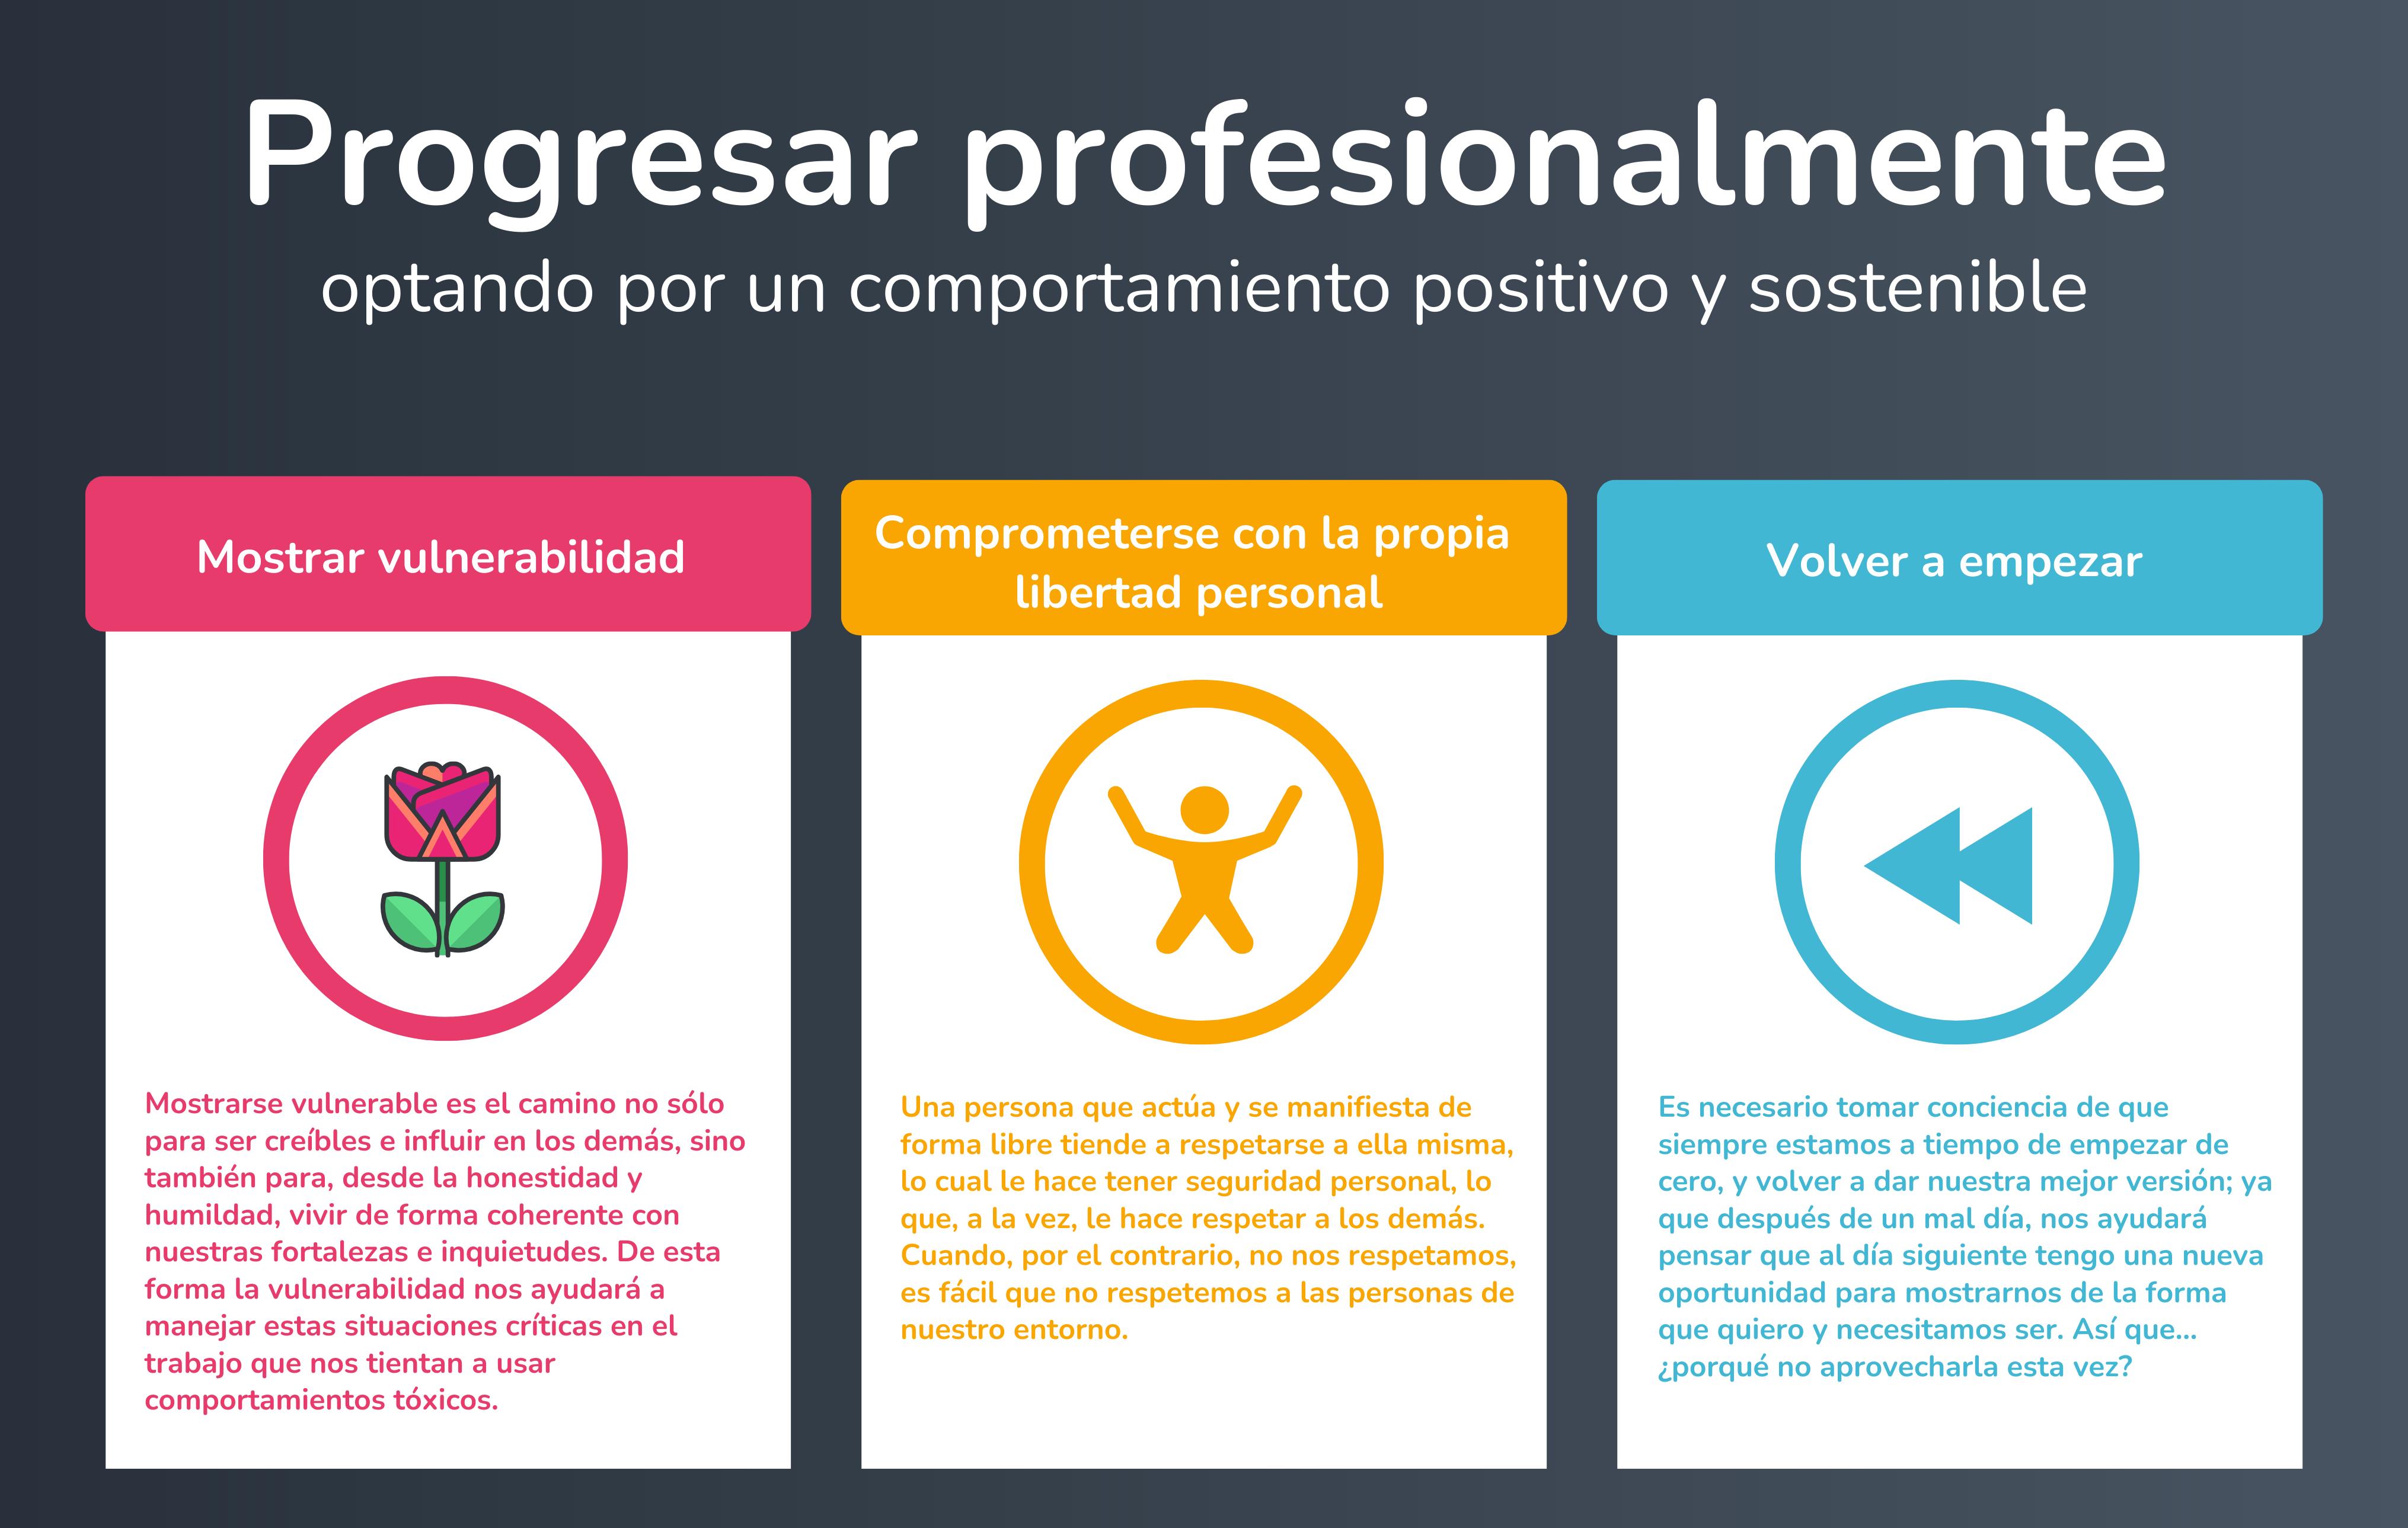 Infografia sobre Progresar profesionalmente a cualquier precio